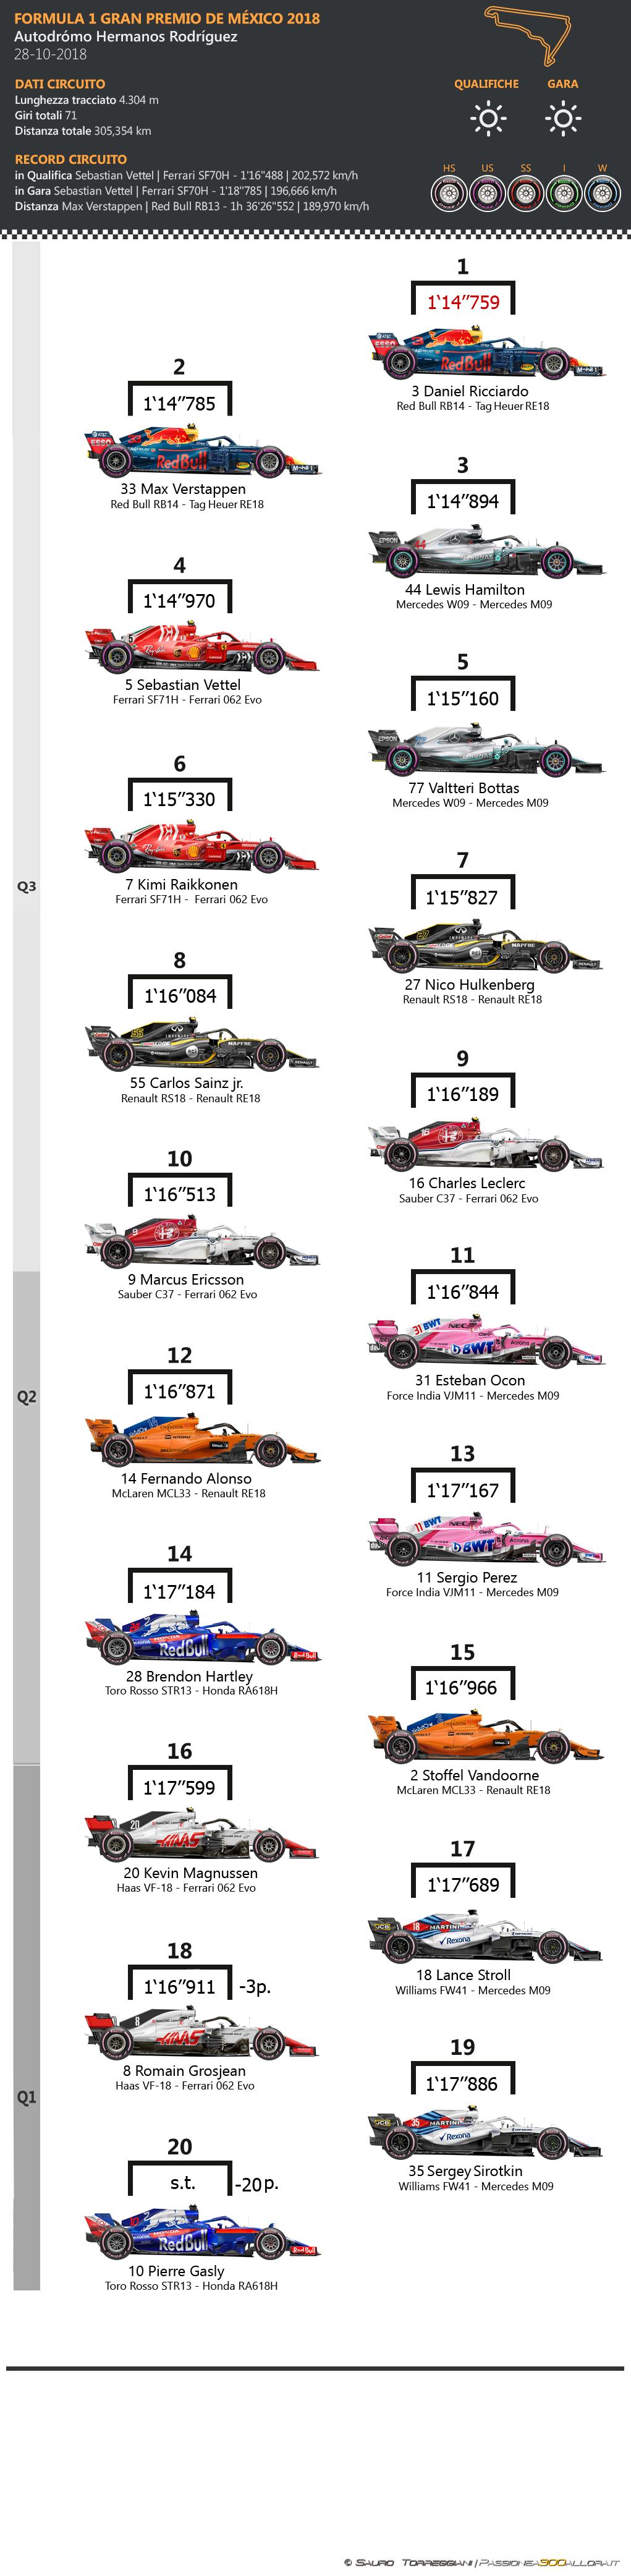 F1 | GP del Messico 2018: griglia di partenza, penalità, set a disposizione 1